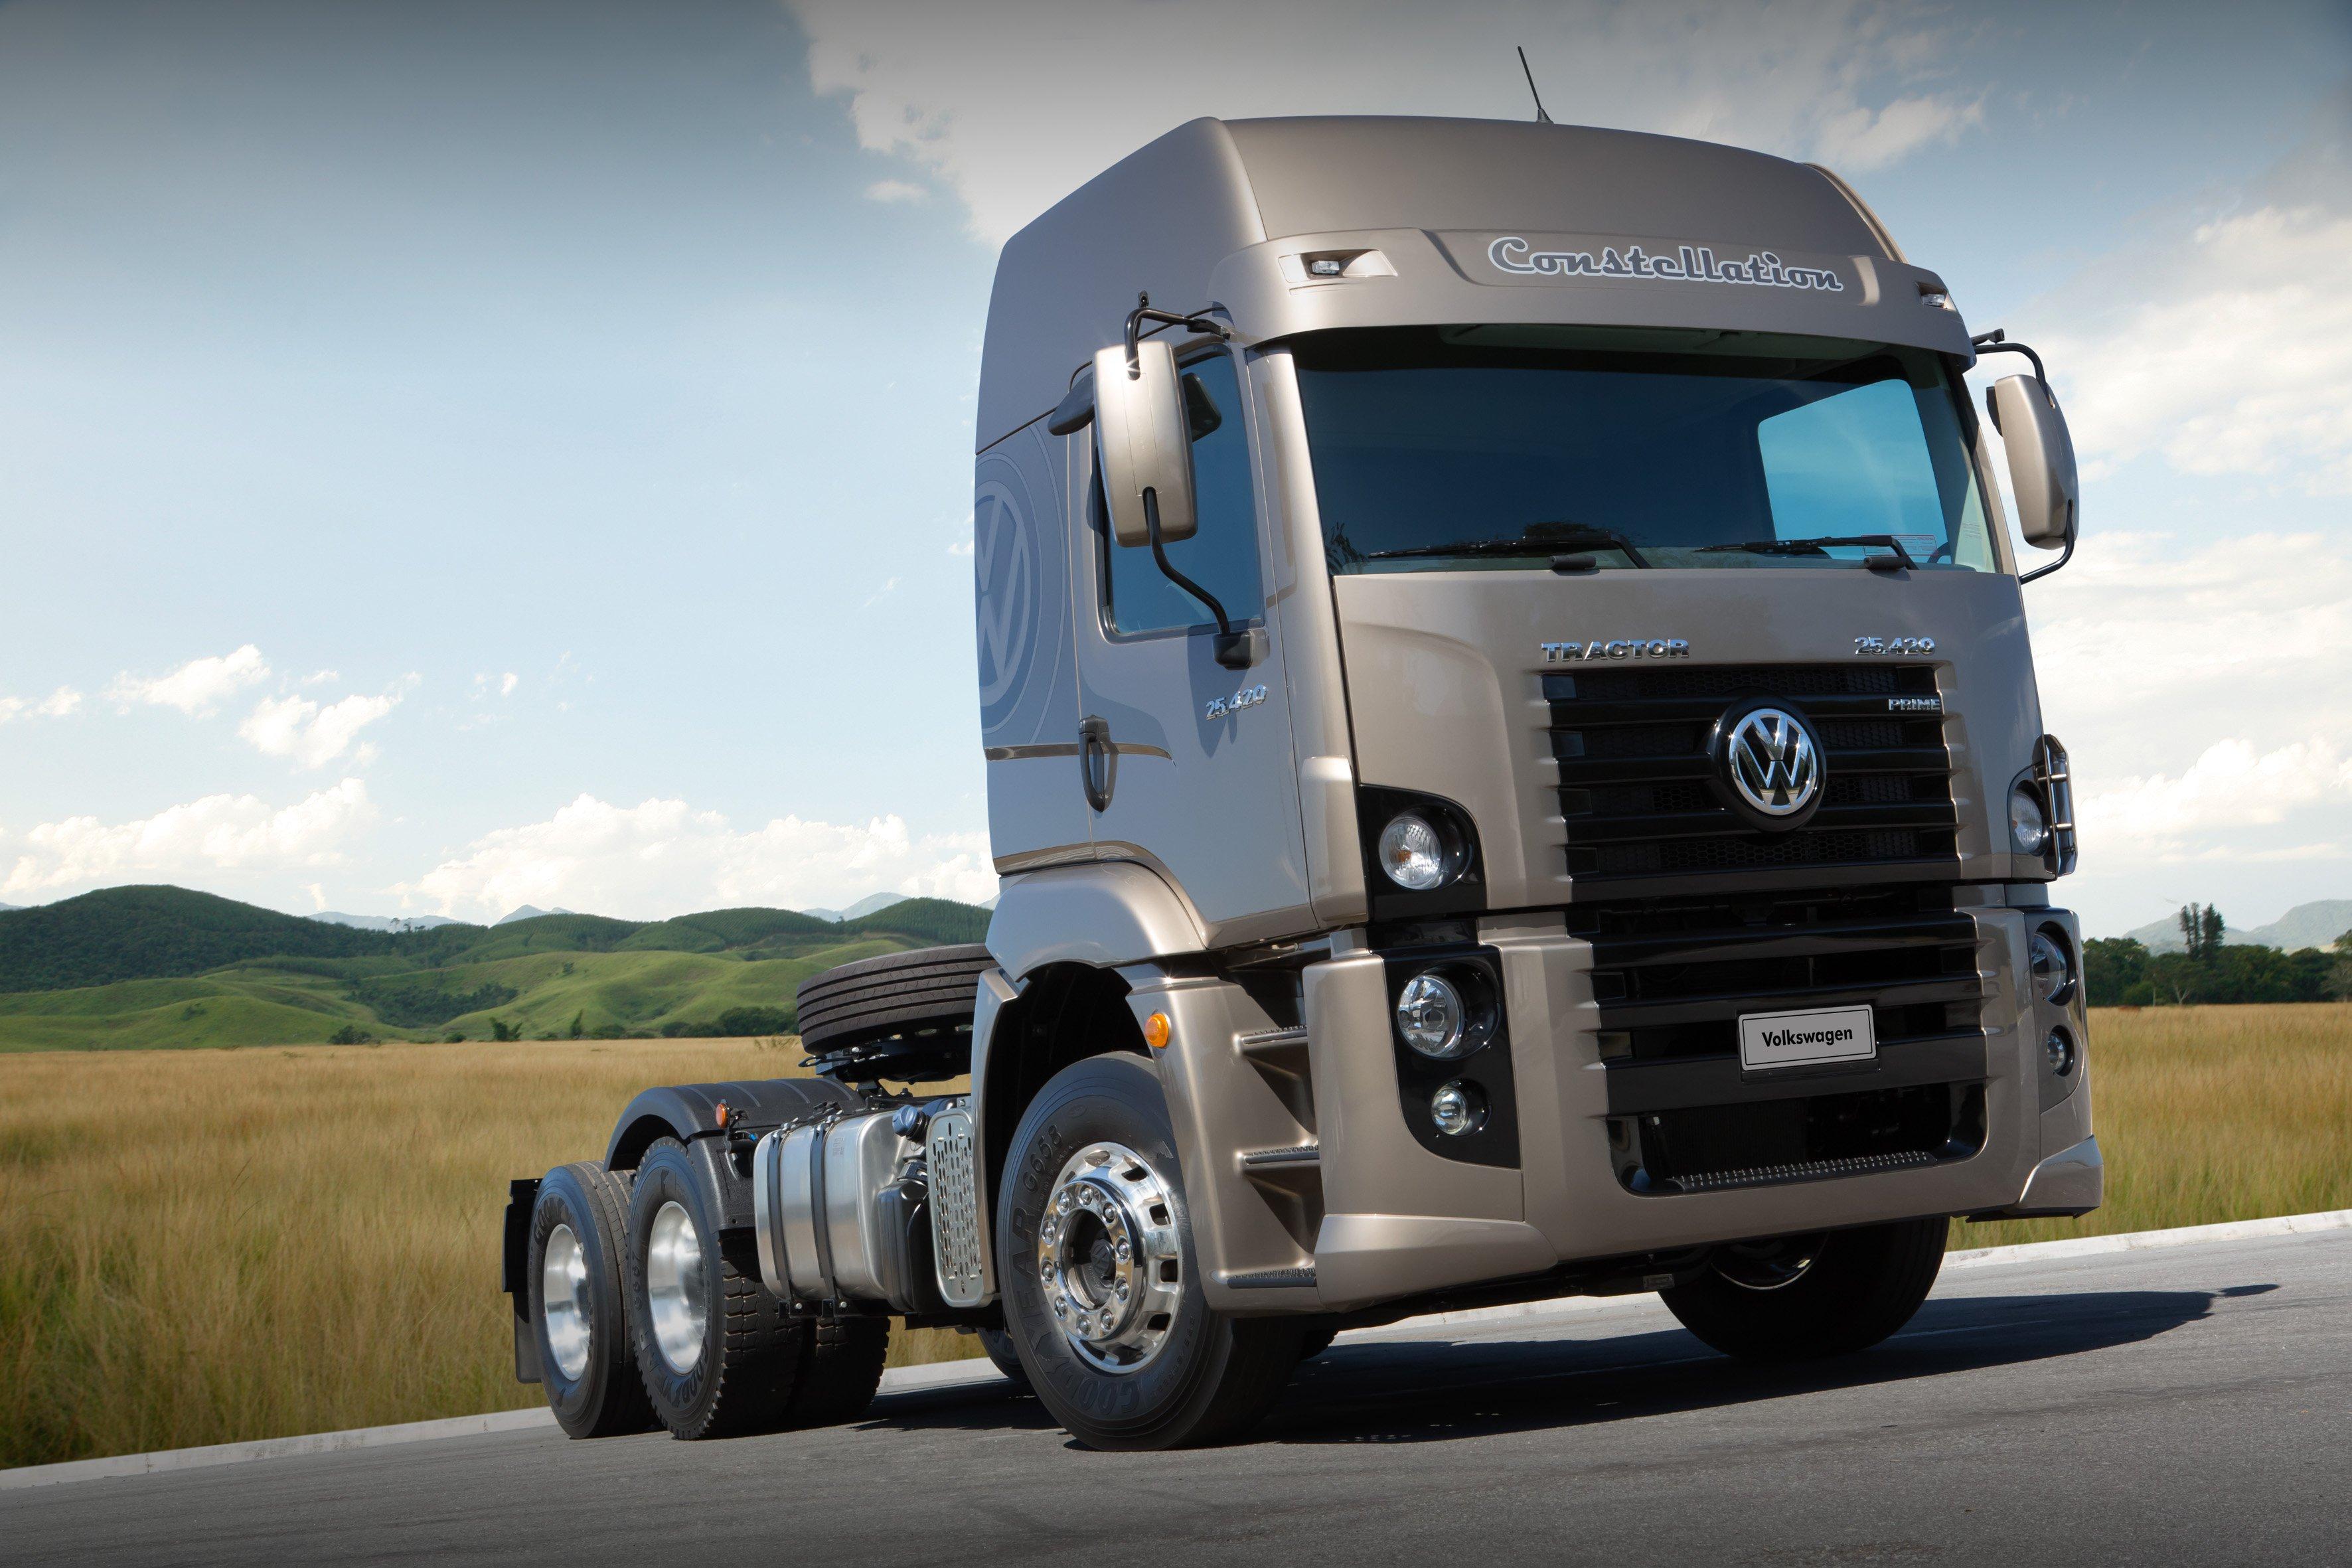 2014 Volkswagen Constellation Tractor 25 420 Semi Truck